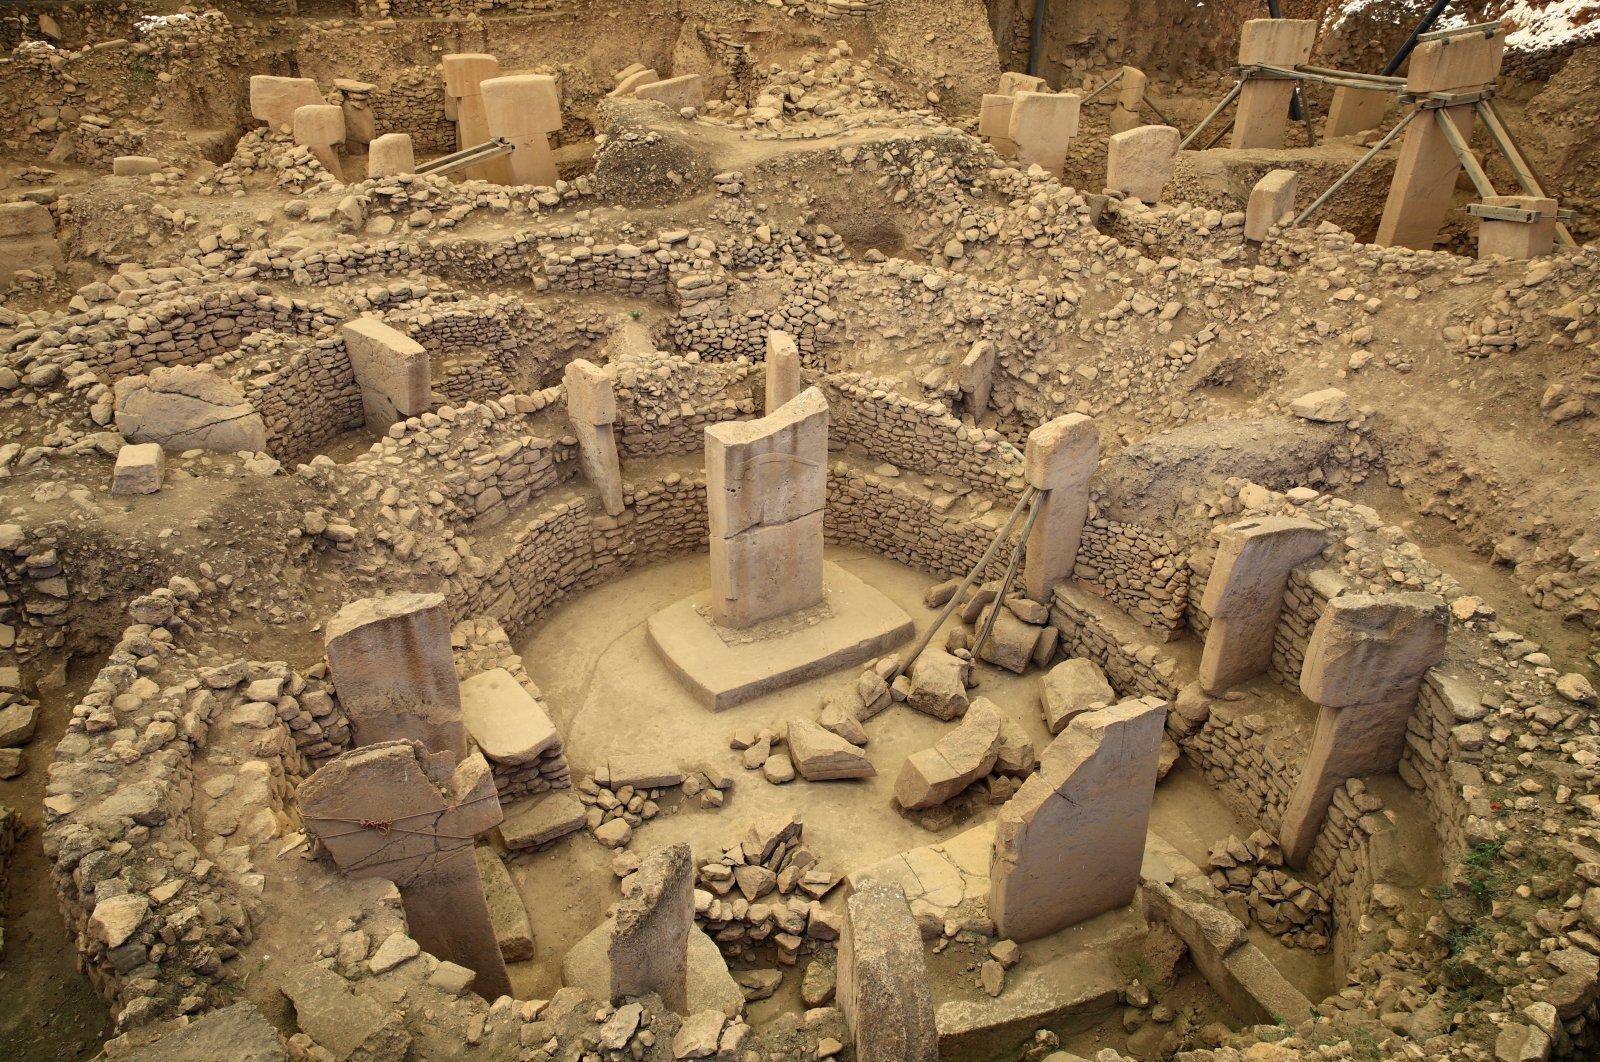 A general view of the prehistoric site of Göbeklitepe in Şanlıurfa, southeastern Turkey, June 2, 2019. (Reuters Photo)